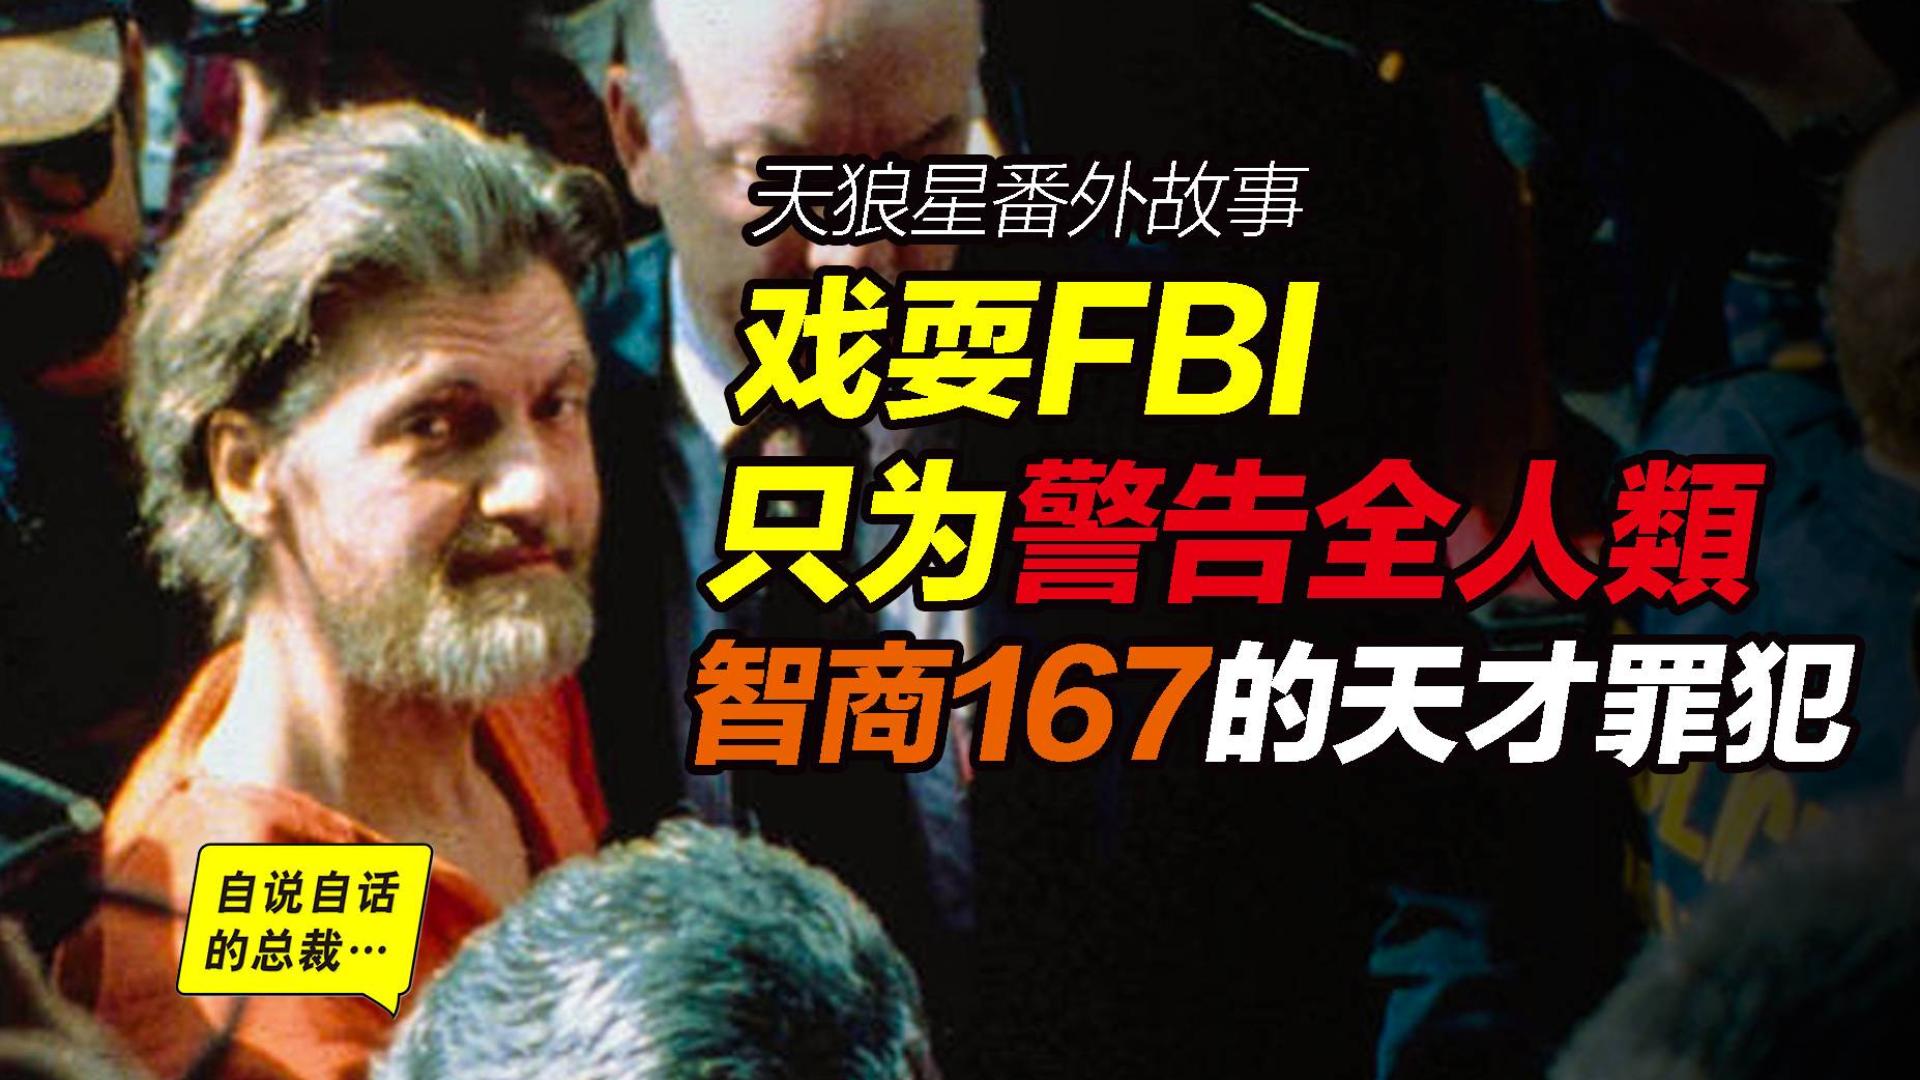 戏耍FBI只为警告全人类?智商167的天才疯子